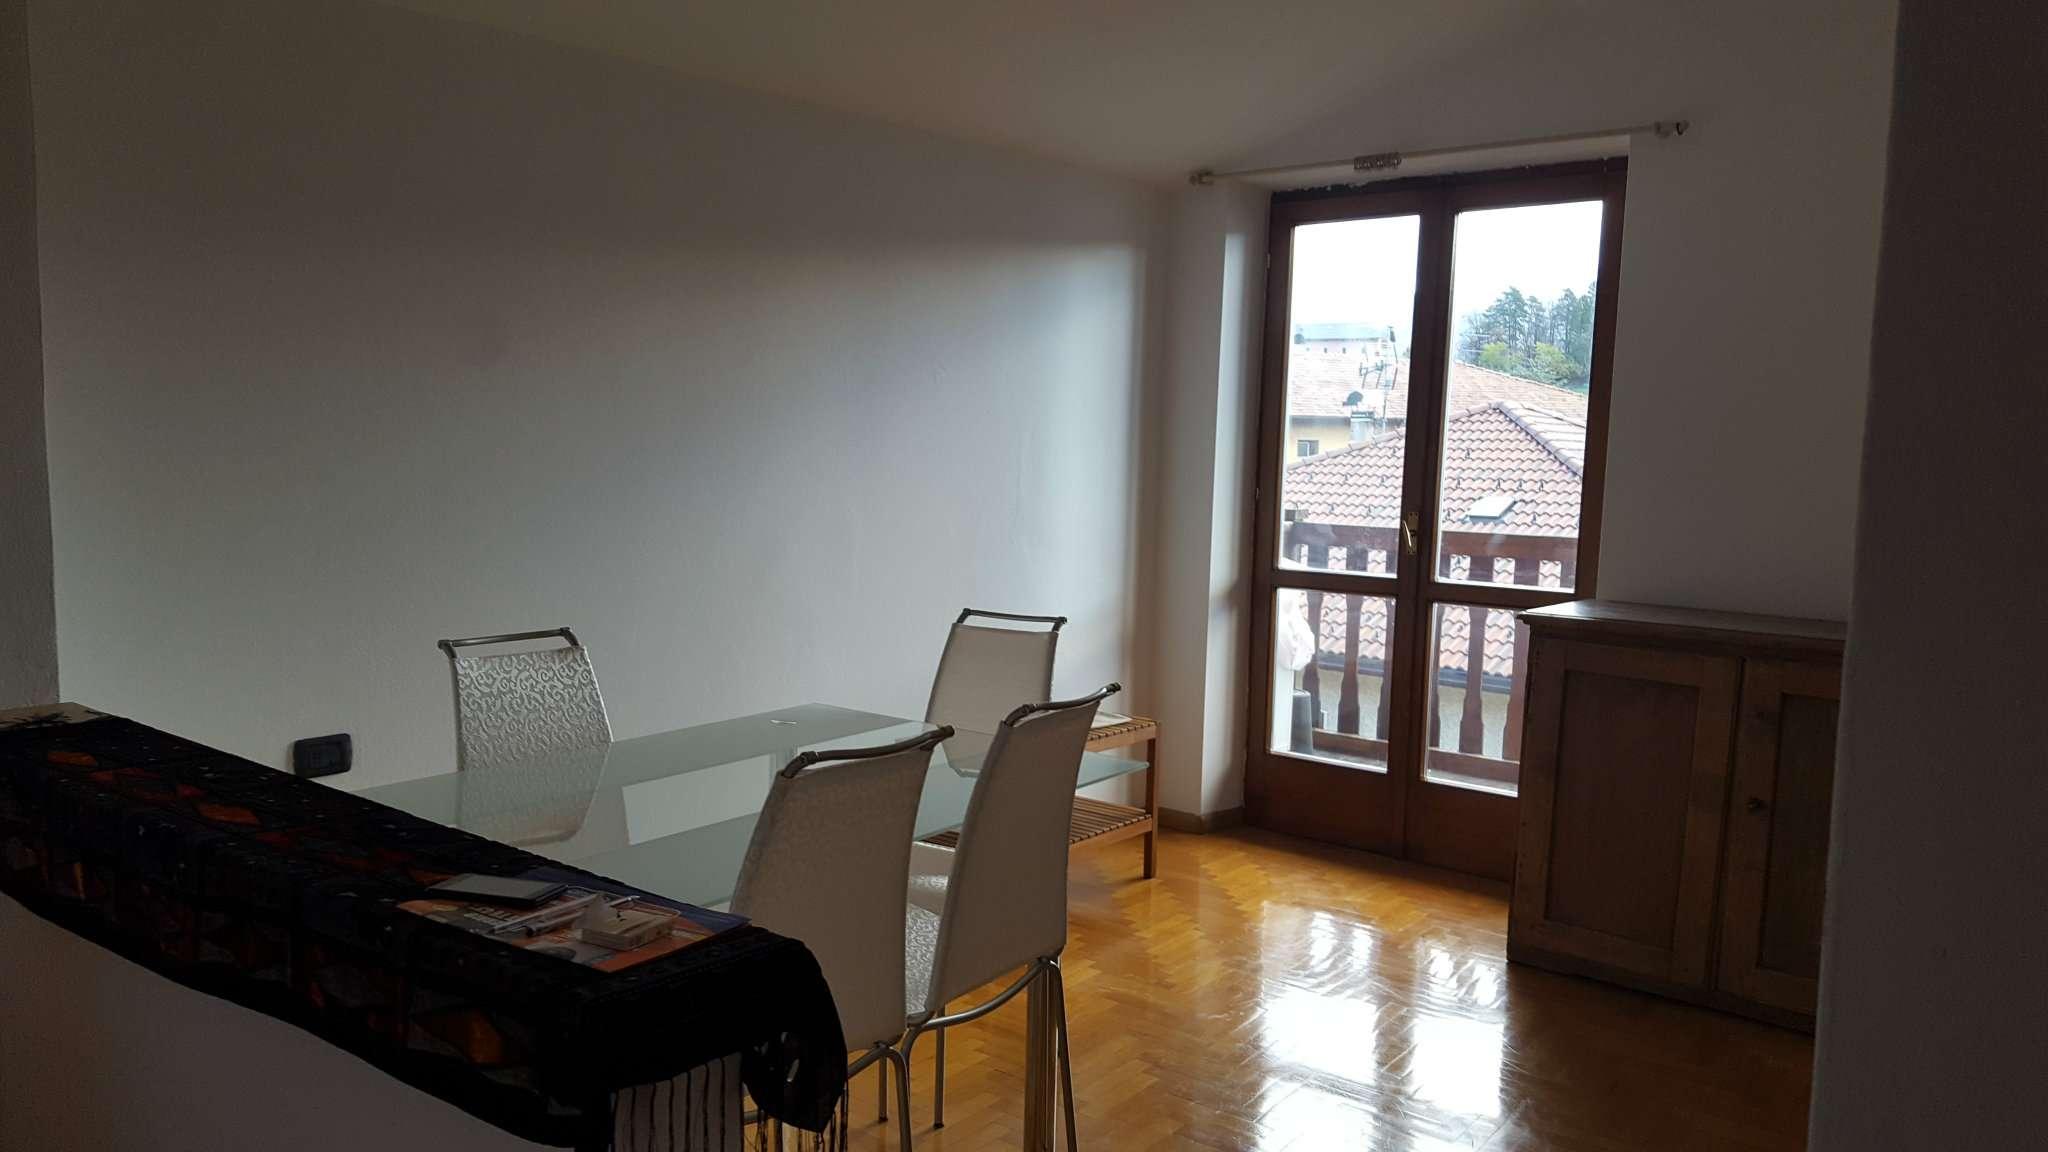 Appartamento in vendita a Cles, 3 locali, Trattative riservate   CambioCasa.it